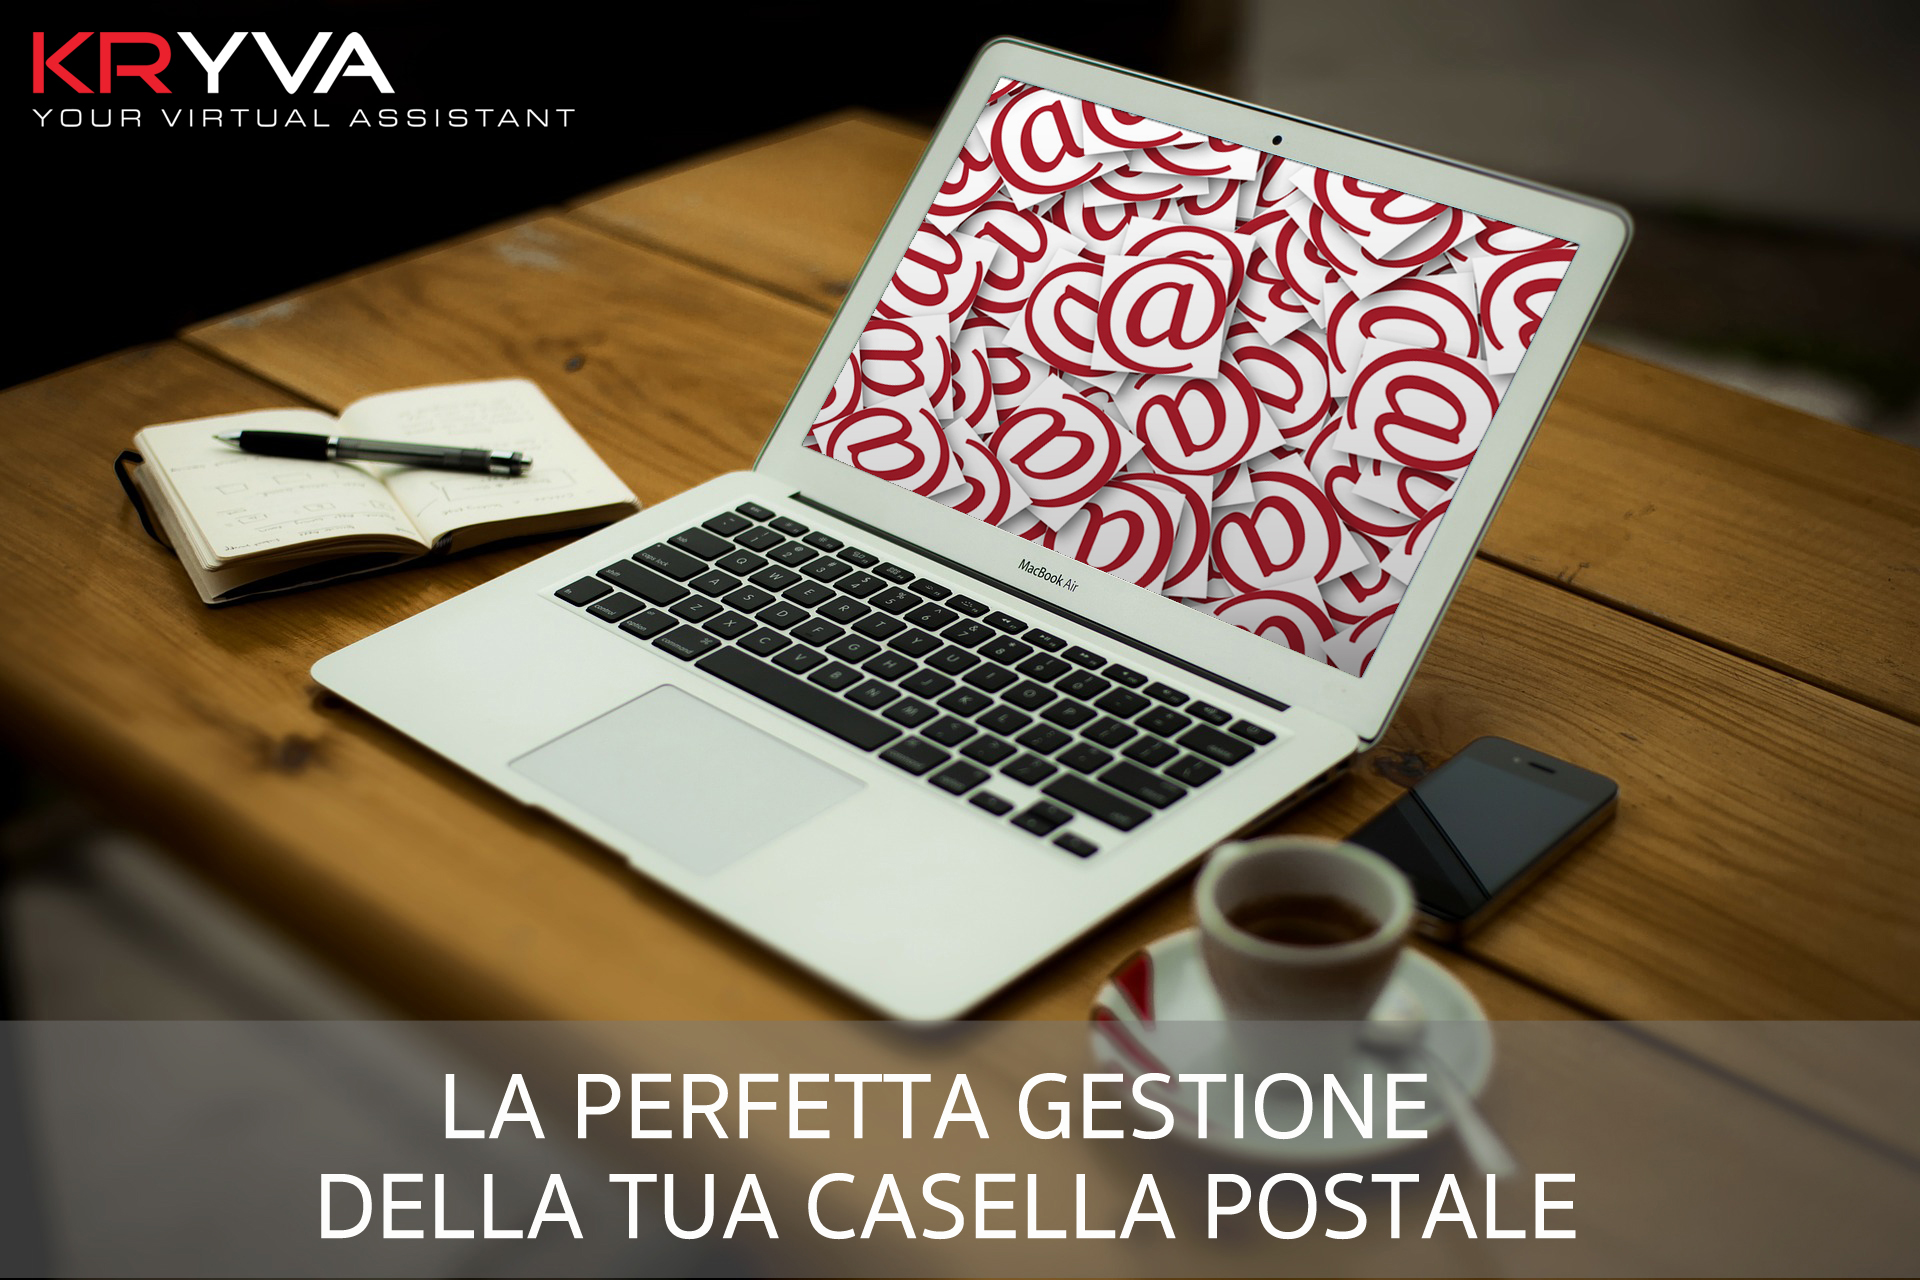 La perfetta gestione della tua casella postale